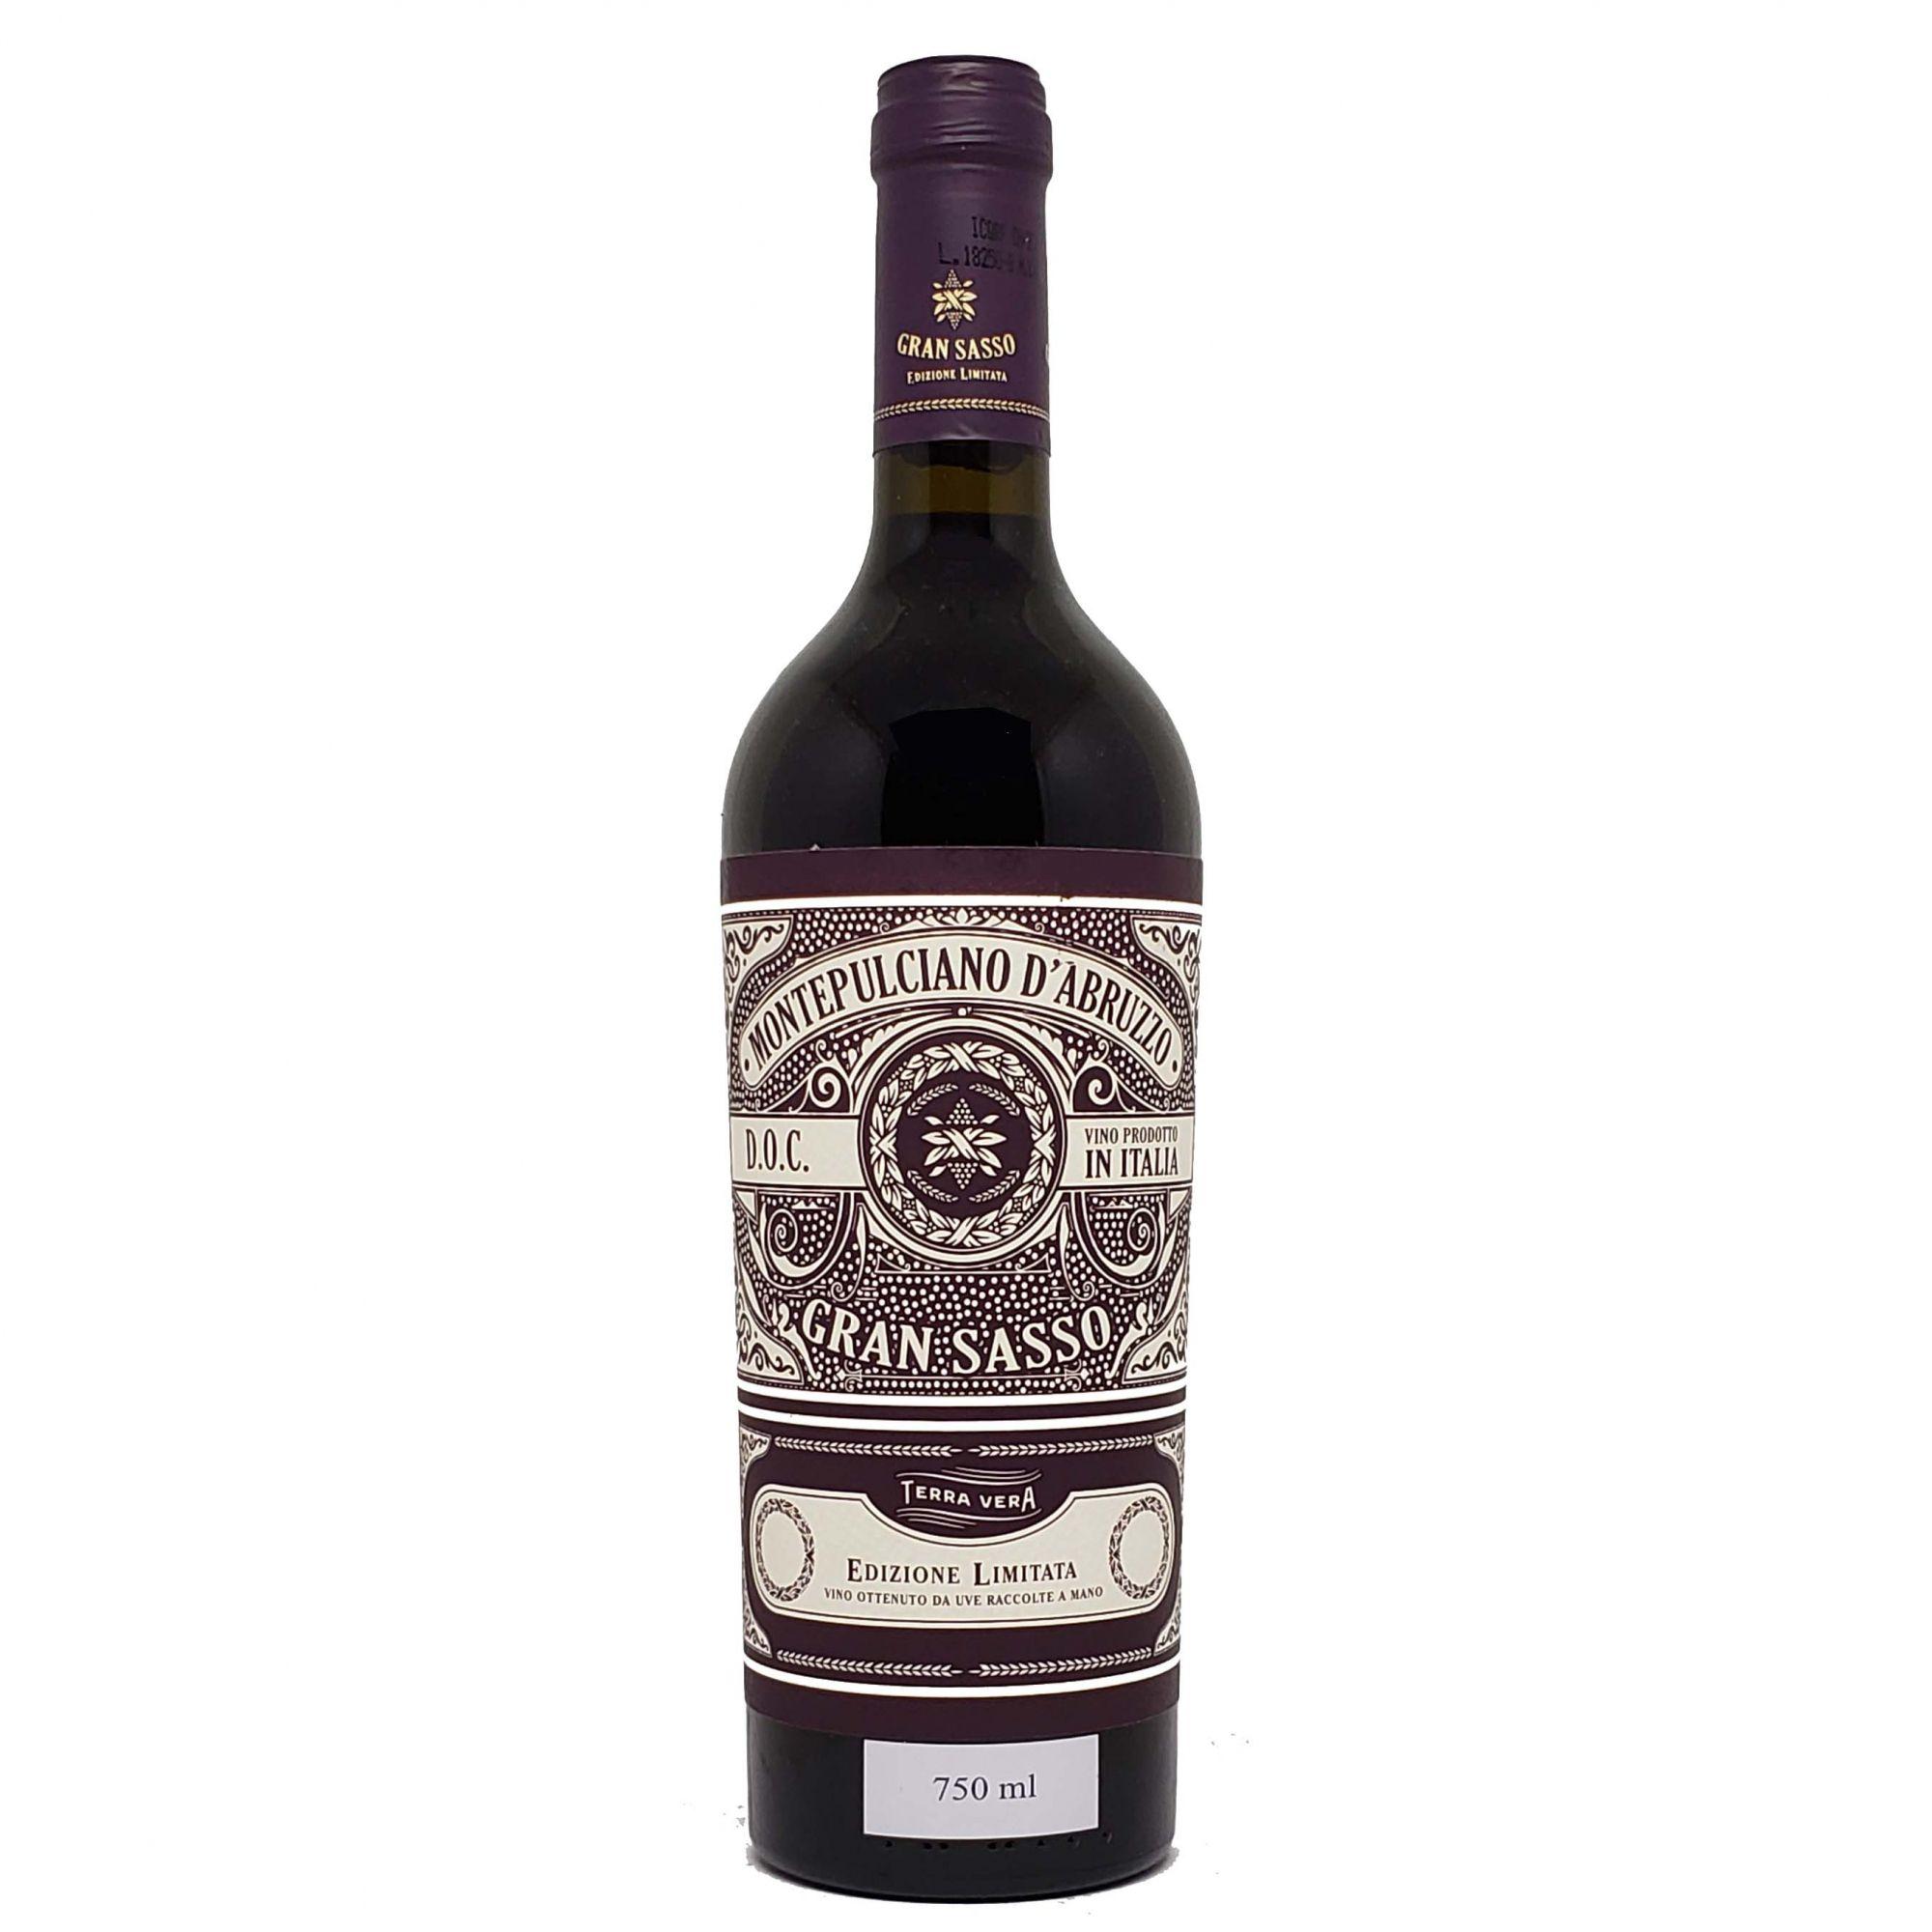 Vinho Tinto Gran Sasso Montepulciano d'Abruzzo  Edizione Limitata - 750ml -